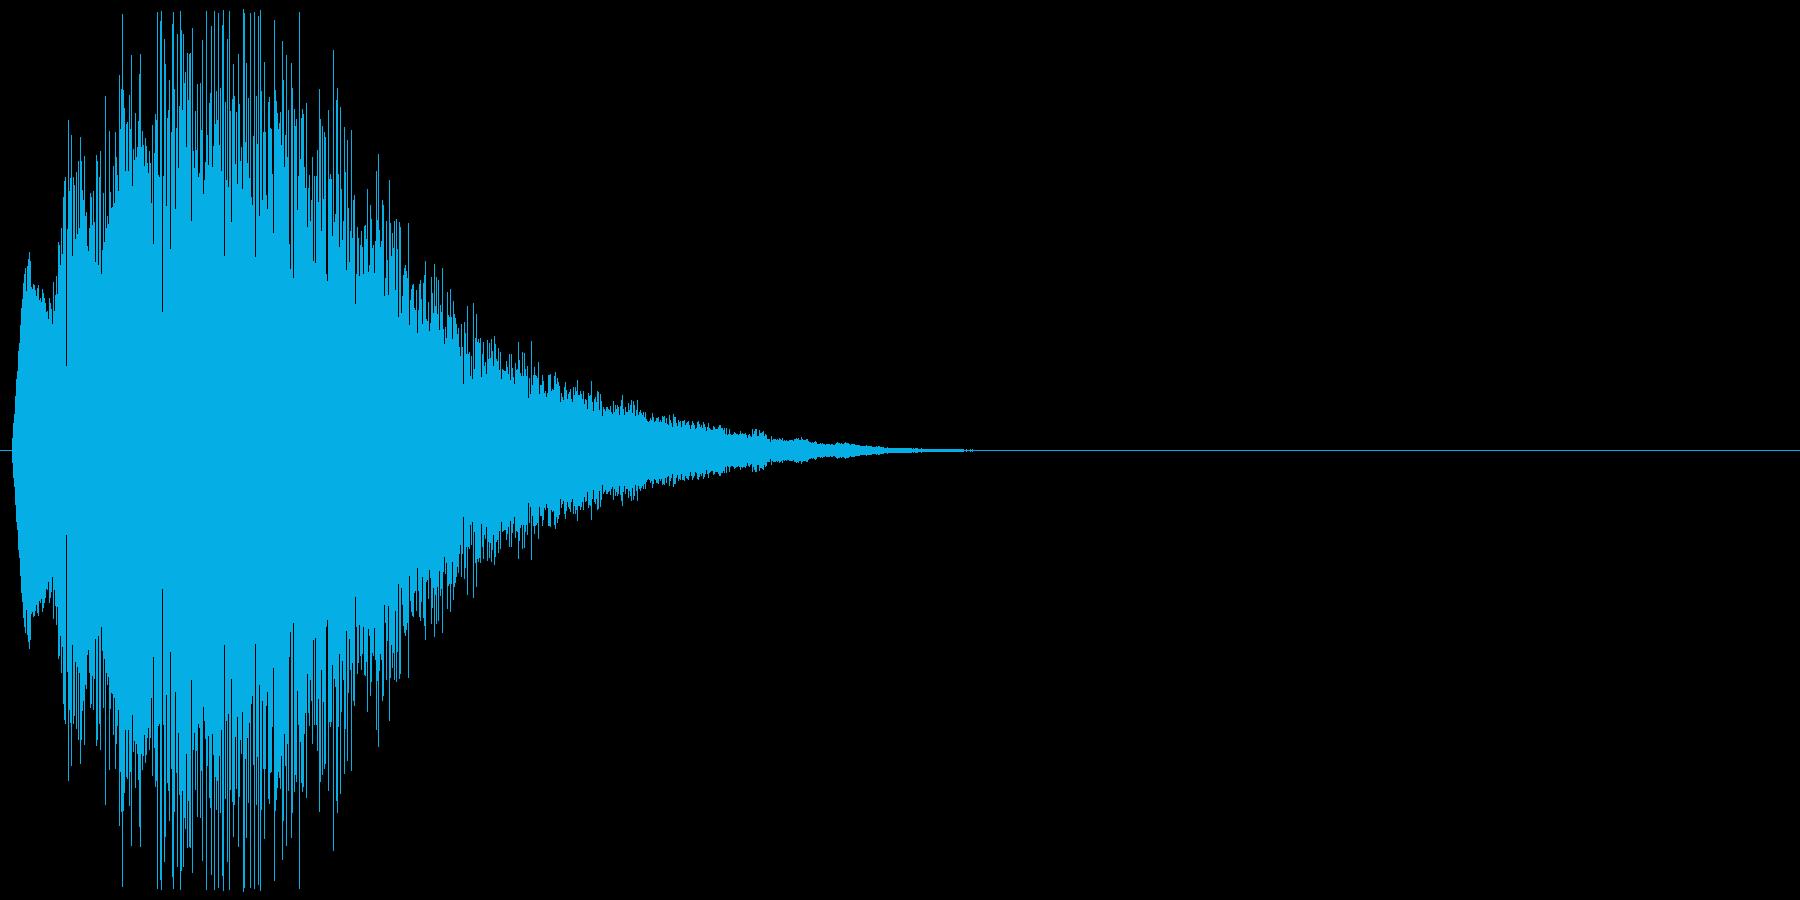 キュイーン+キラキラ(詠唱、呪文)の再生済みの波形